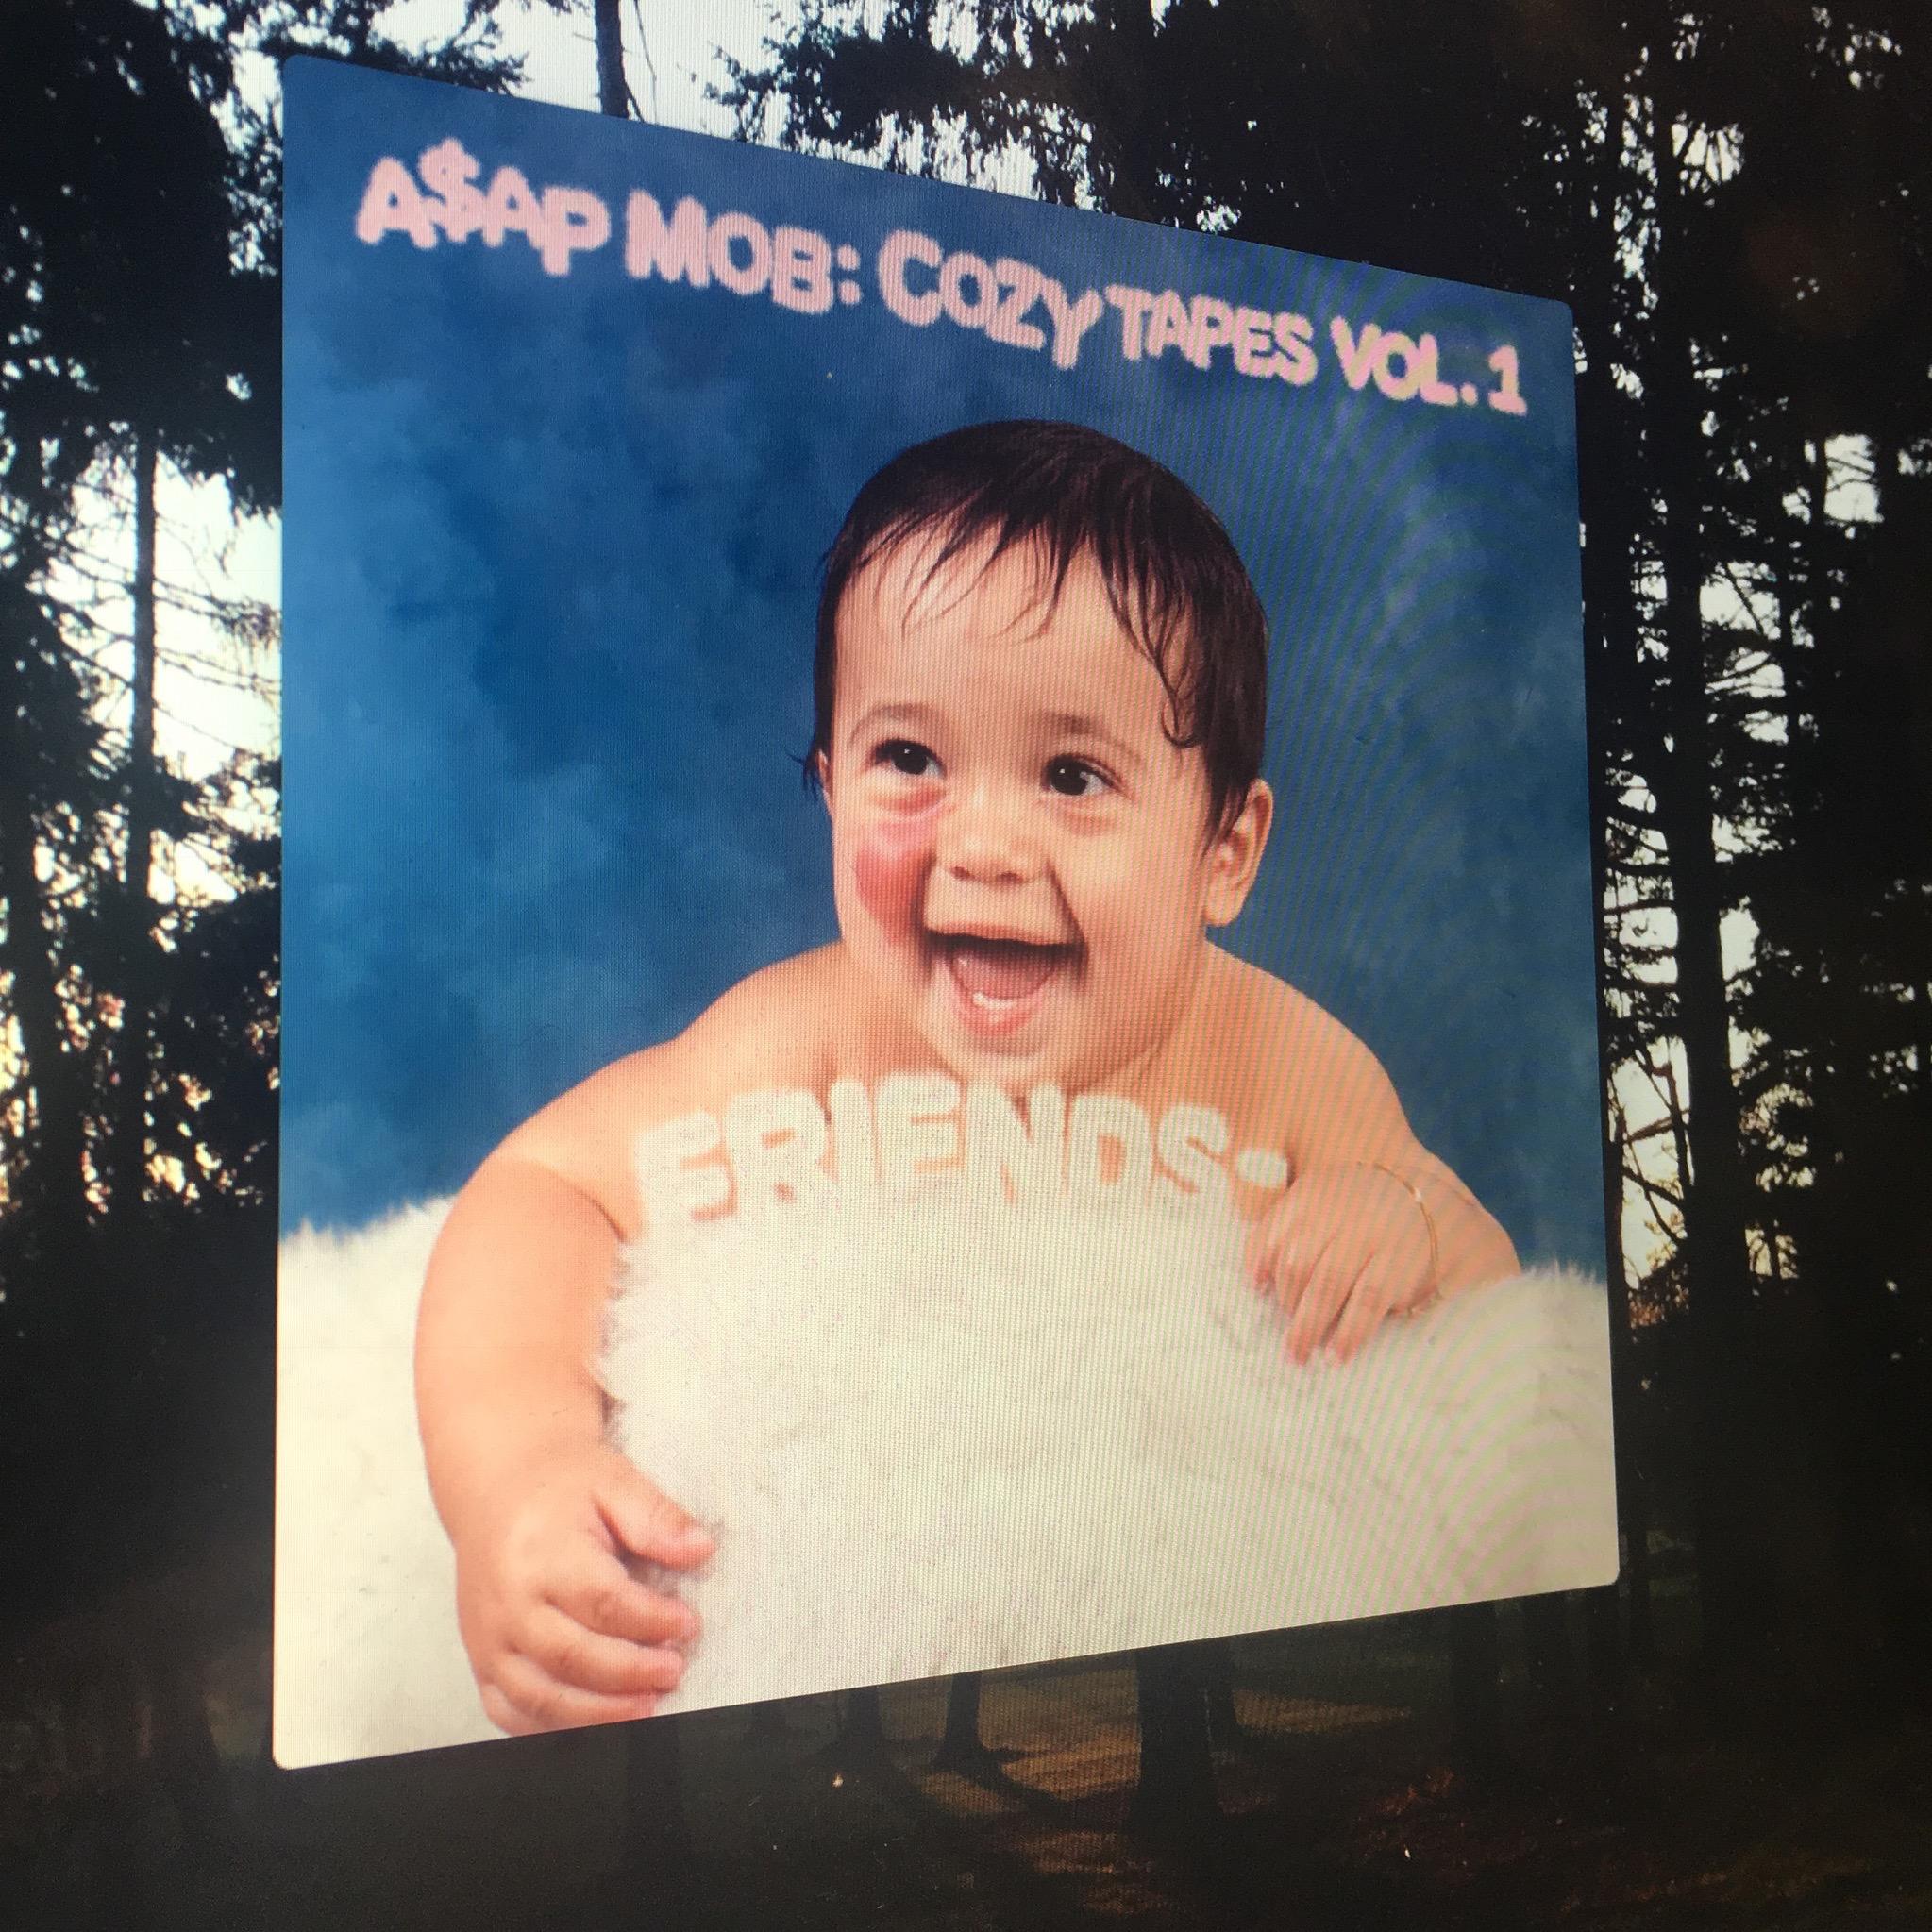 Mob Cozy Tapes album cover